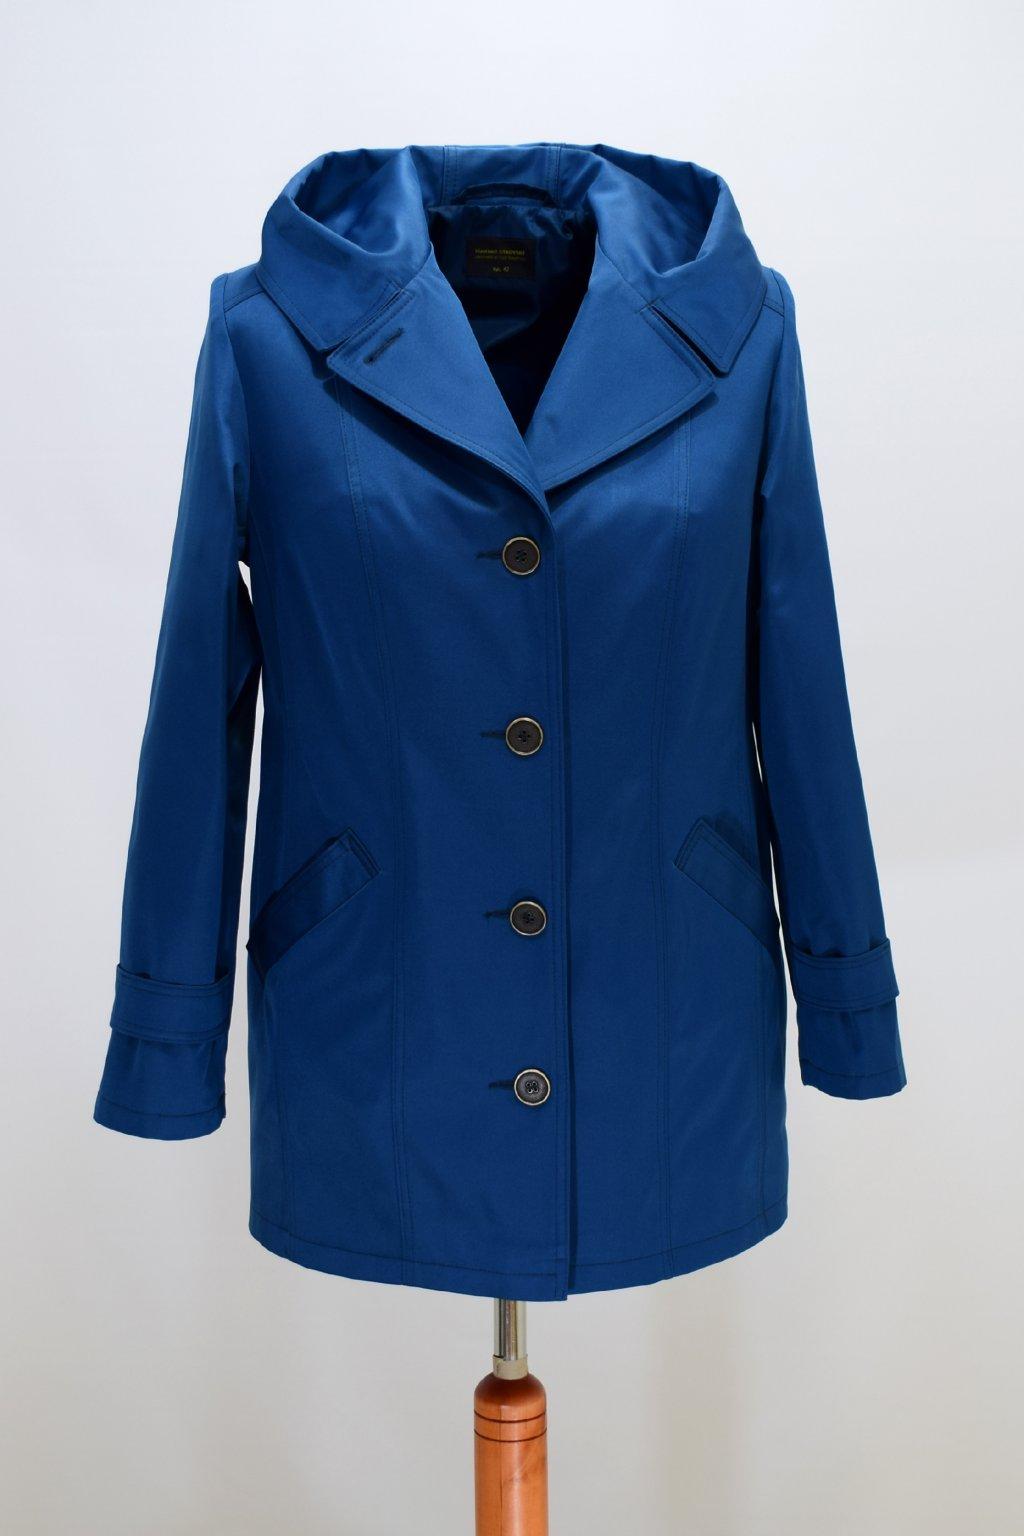 Dámský jarní kabátek Šantal nadměrné velikosti.